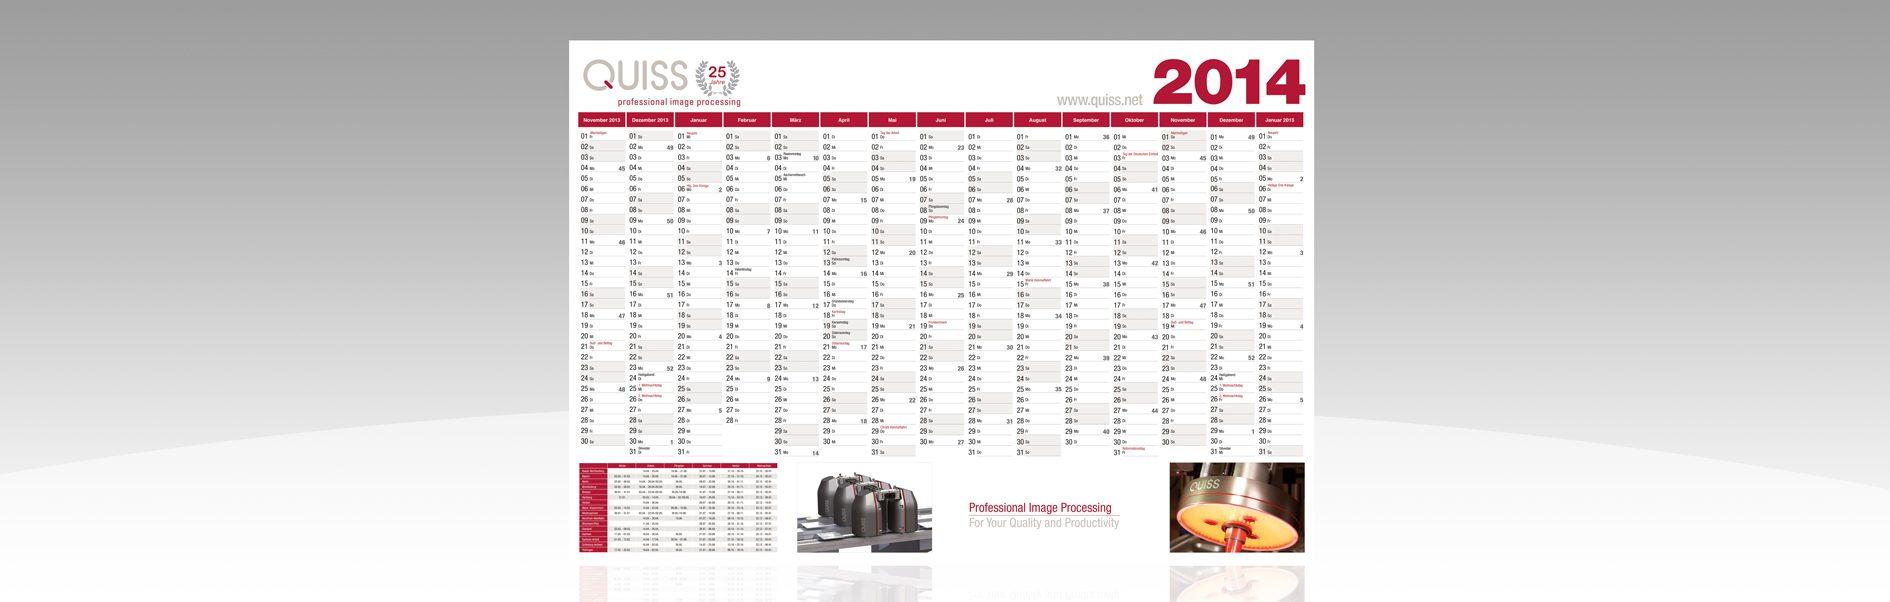 Hier ist der Quiss Wandkalender 2014 abgebildet.